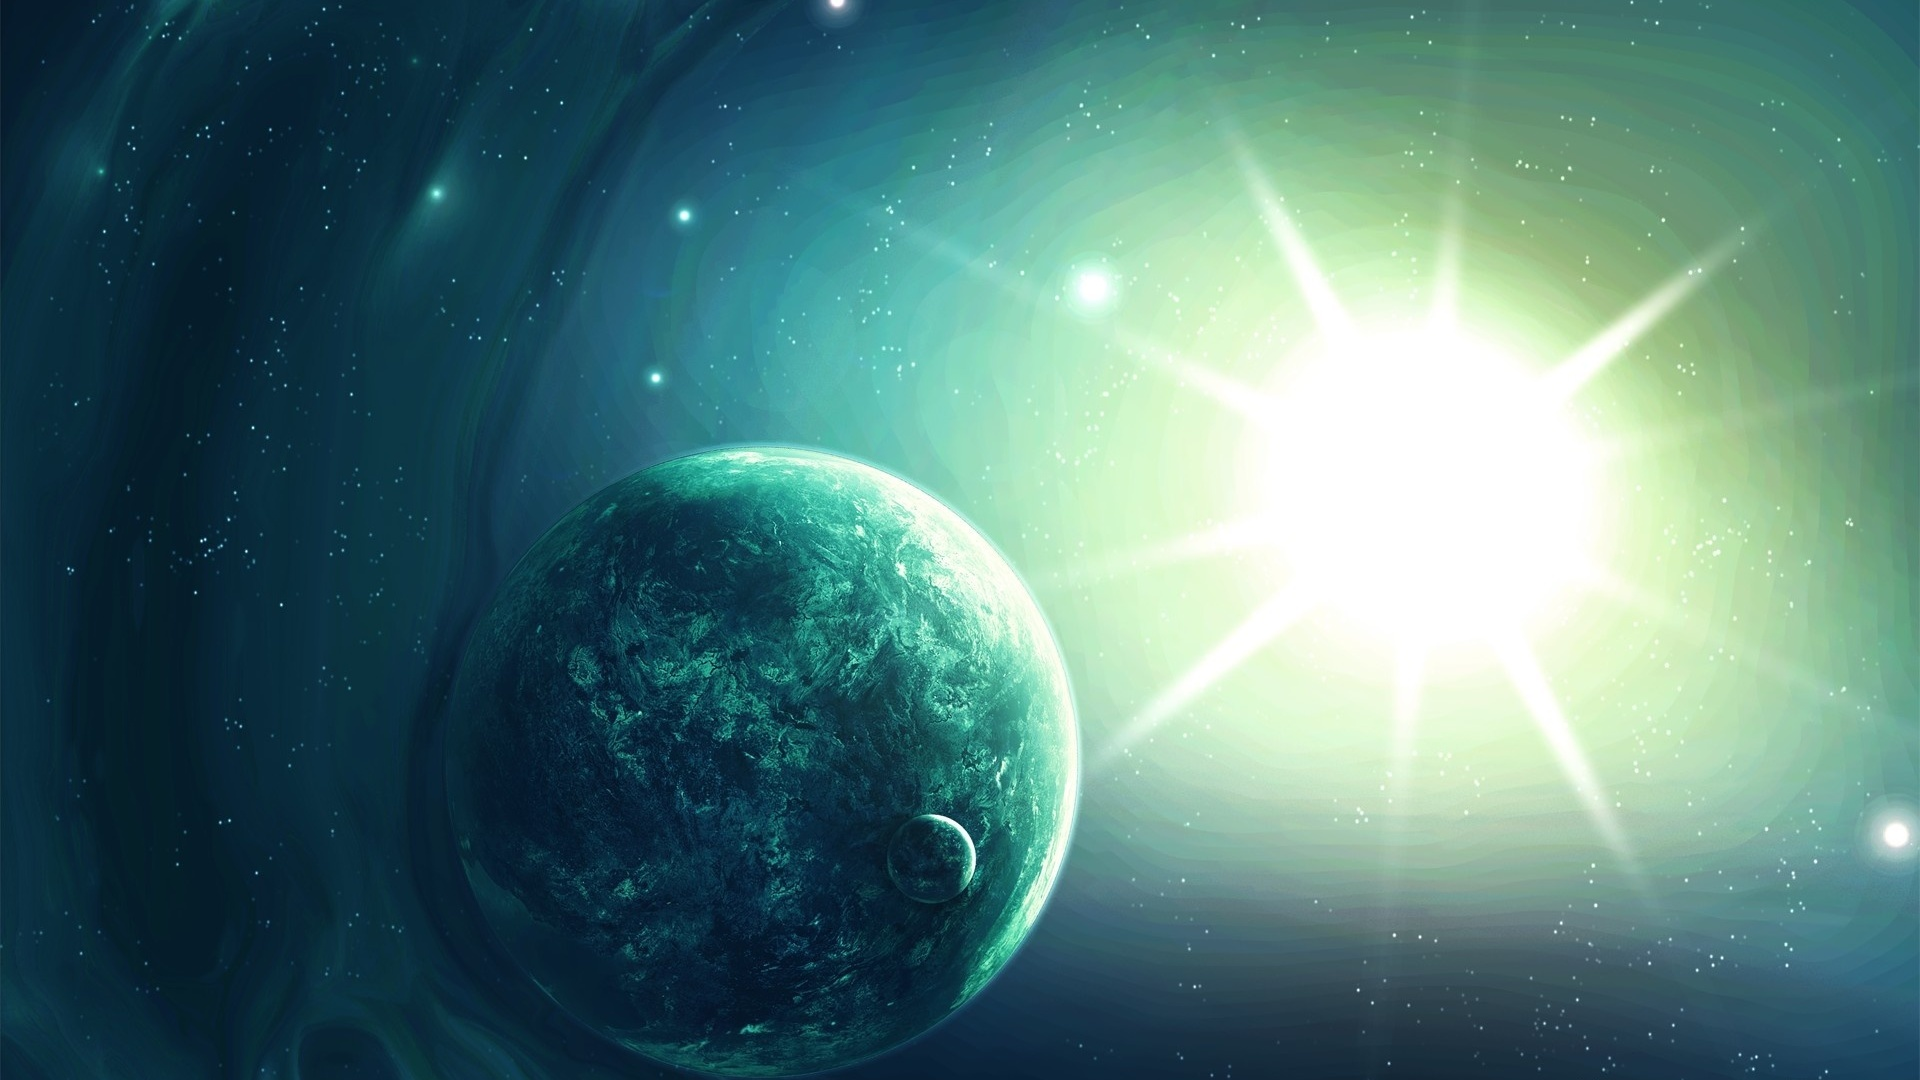 Обои Свечение за планетами картинки на рабочий стол на тему Космос - скачать бесплатно